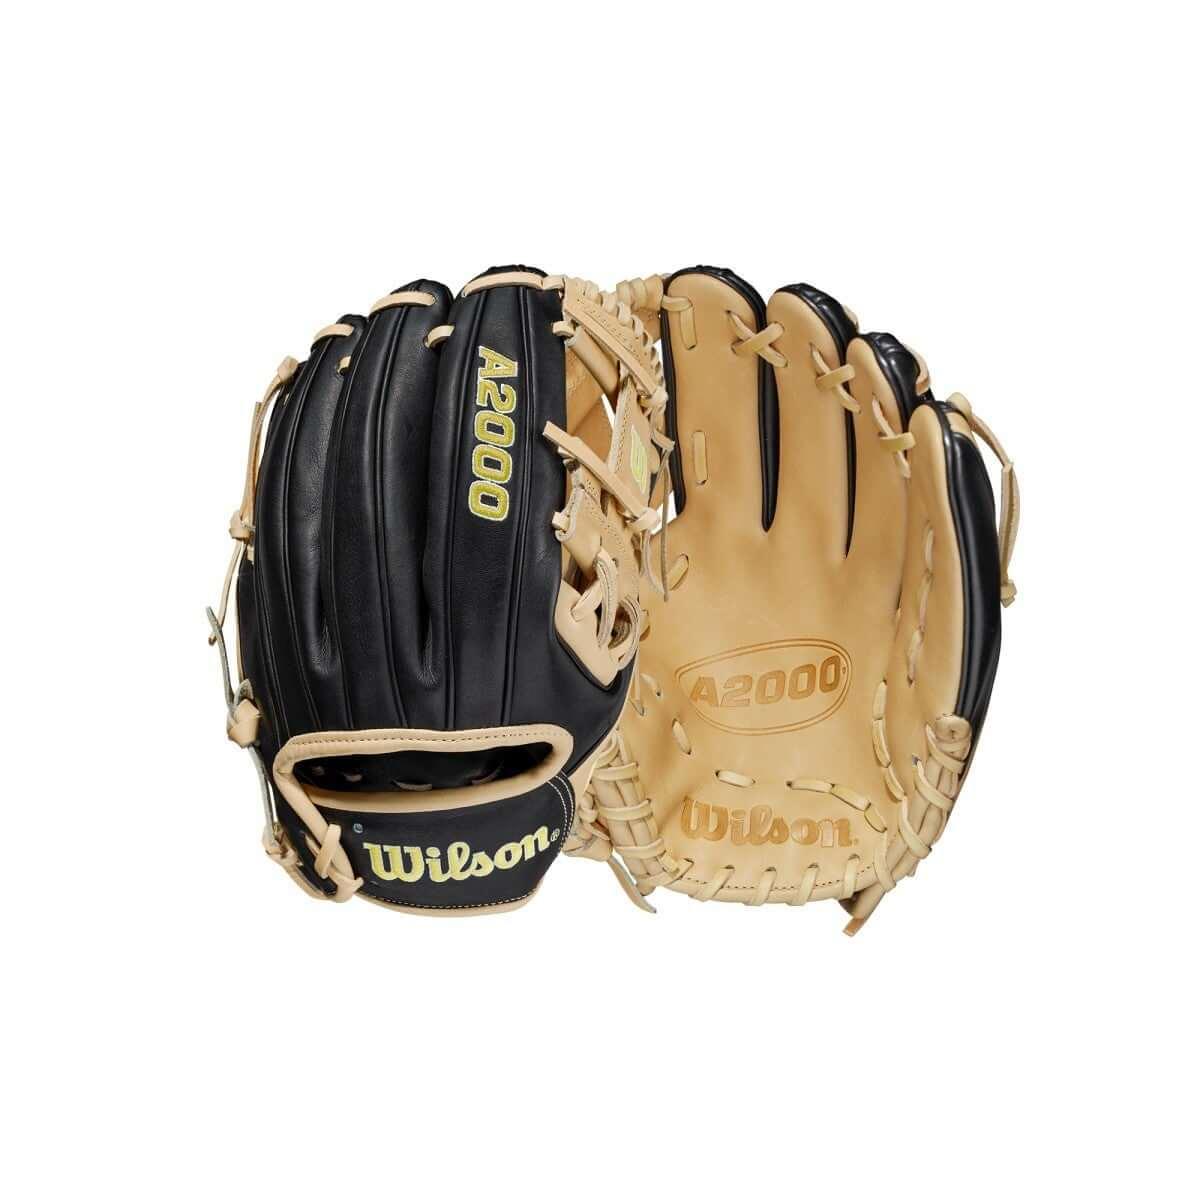 Wilson 2021 A2000 - Best infield glove of 2021